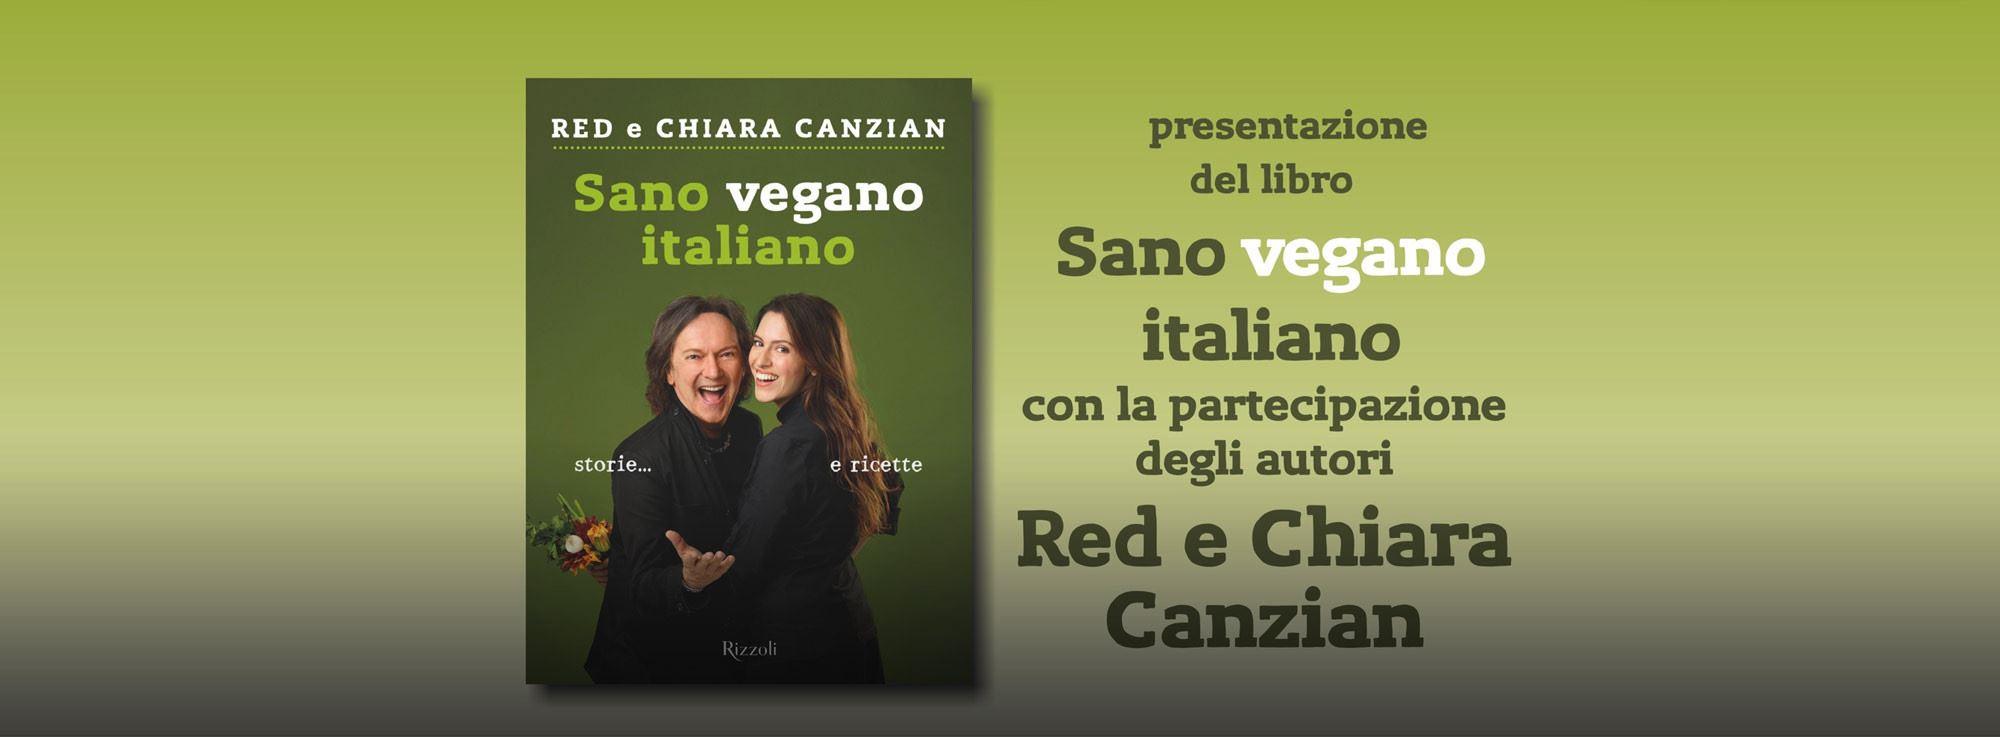 Foggia: Sano vegano italiano - Presentazione + cena gourmet